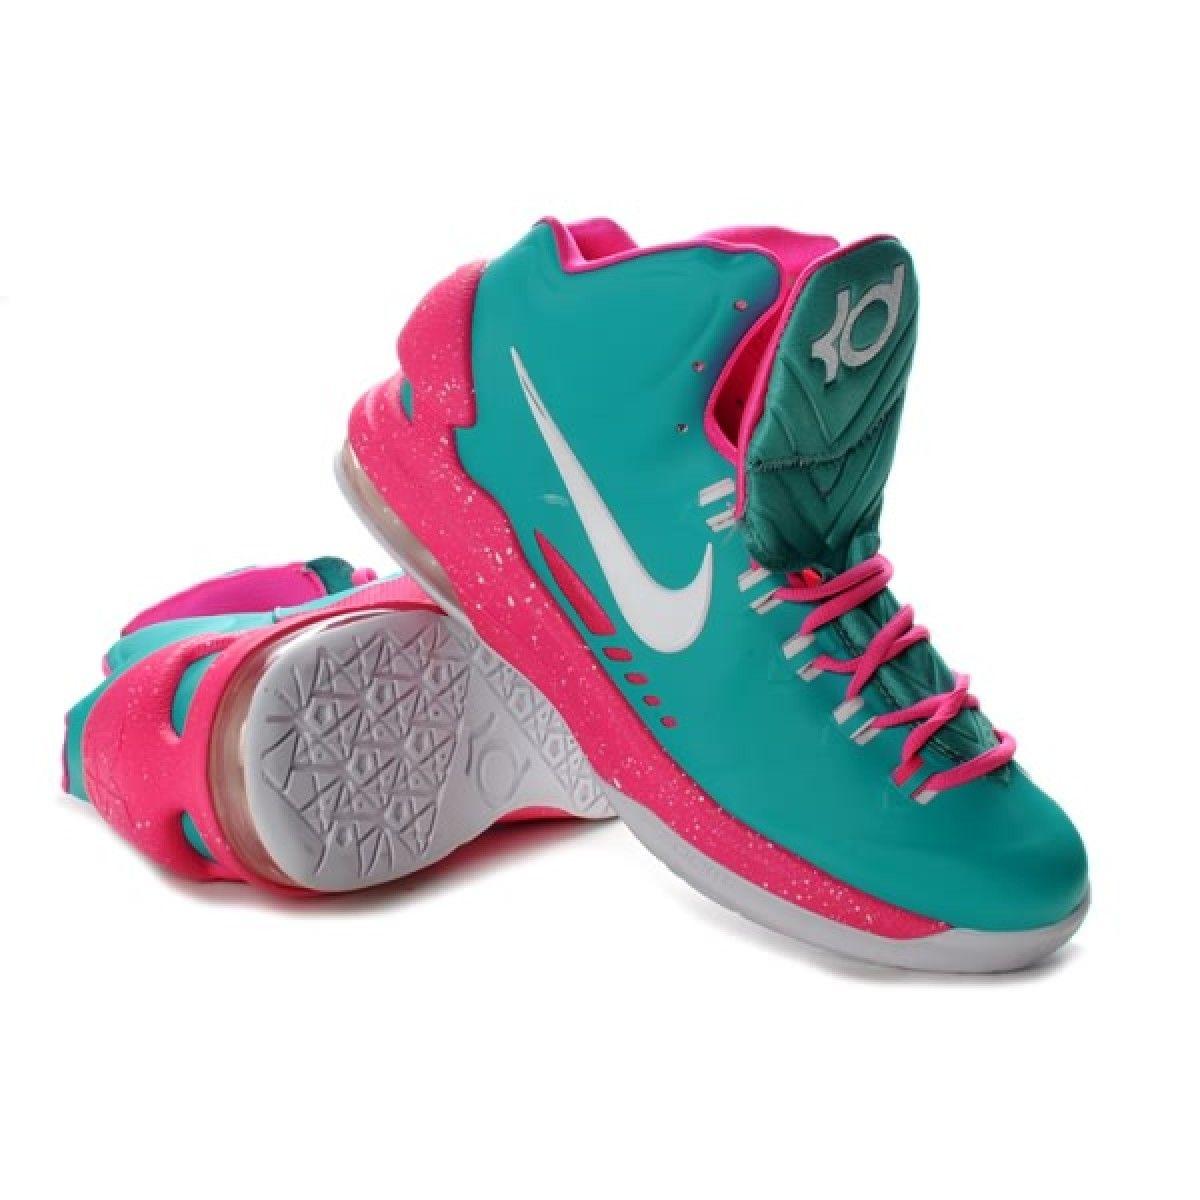 boys kd sneakers